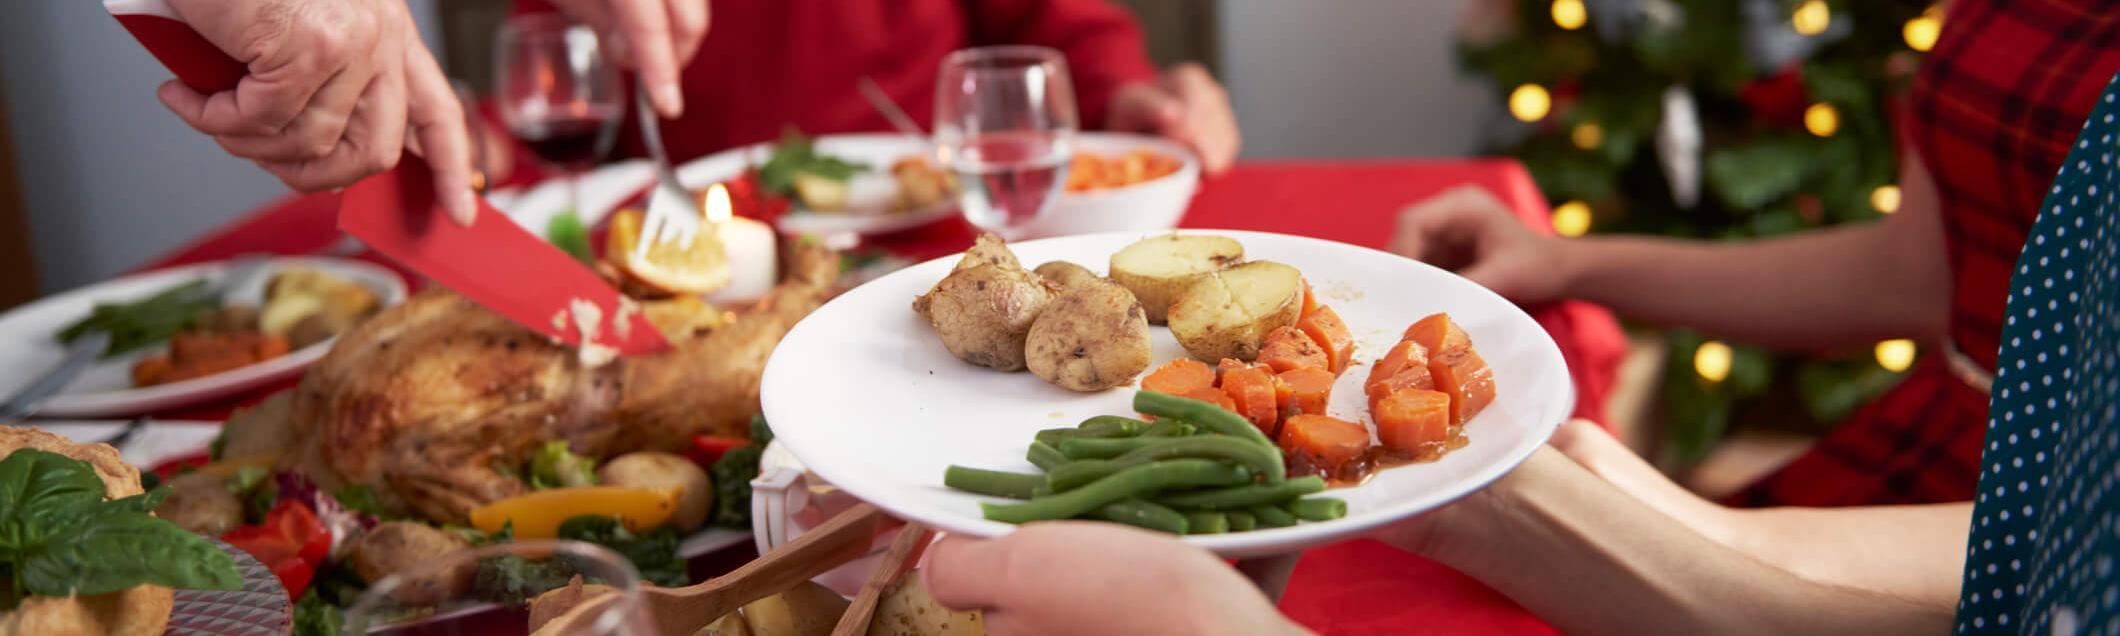 Repas reveillon noel pour 2